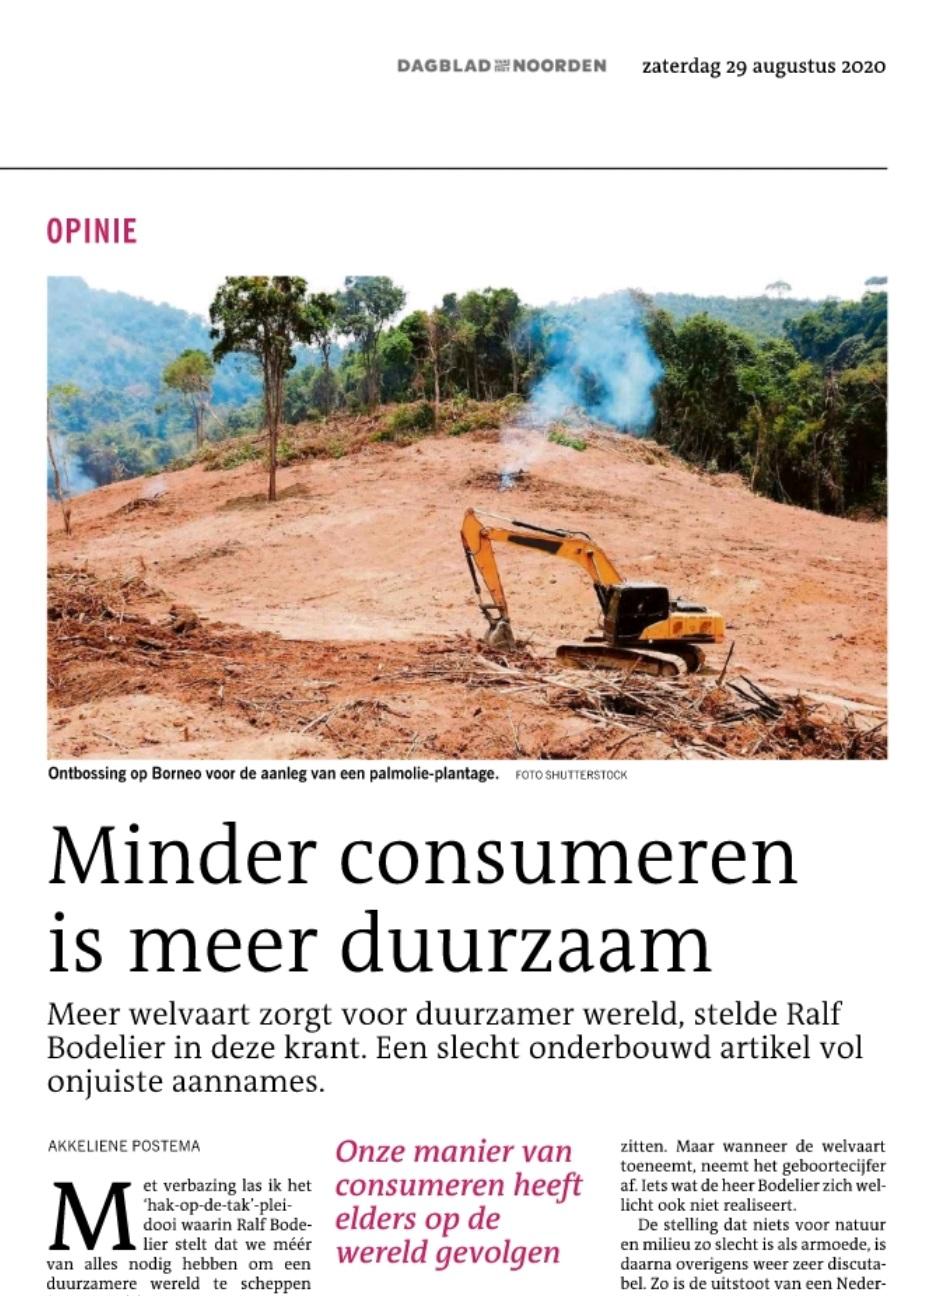 DvhN 29 augustus: Minder consumeren is meer duurzaam